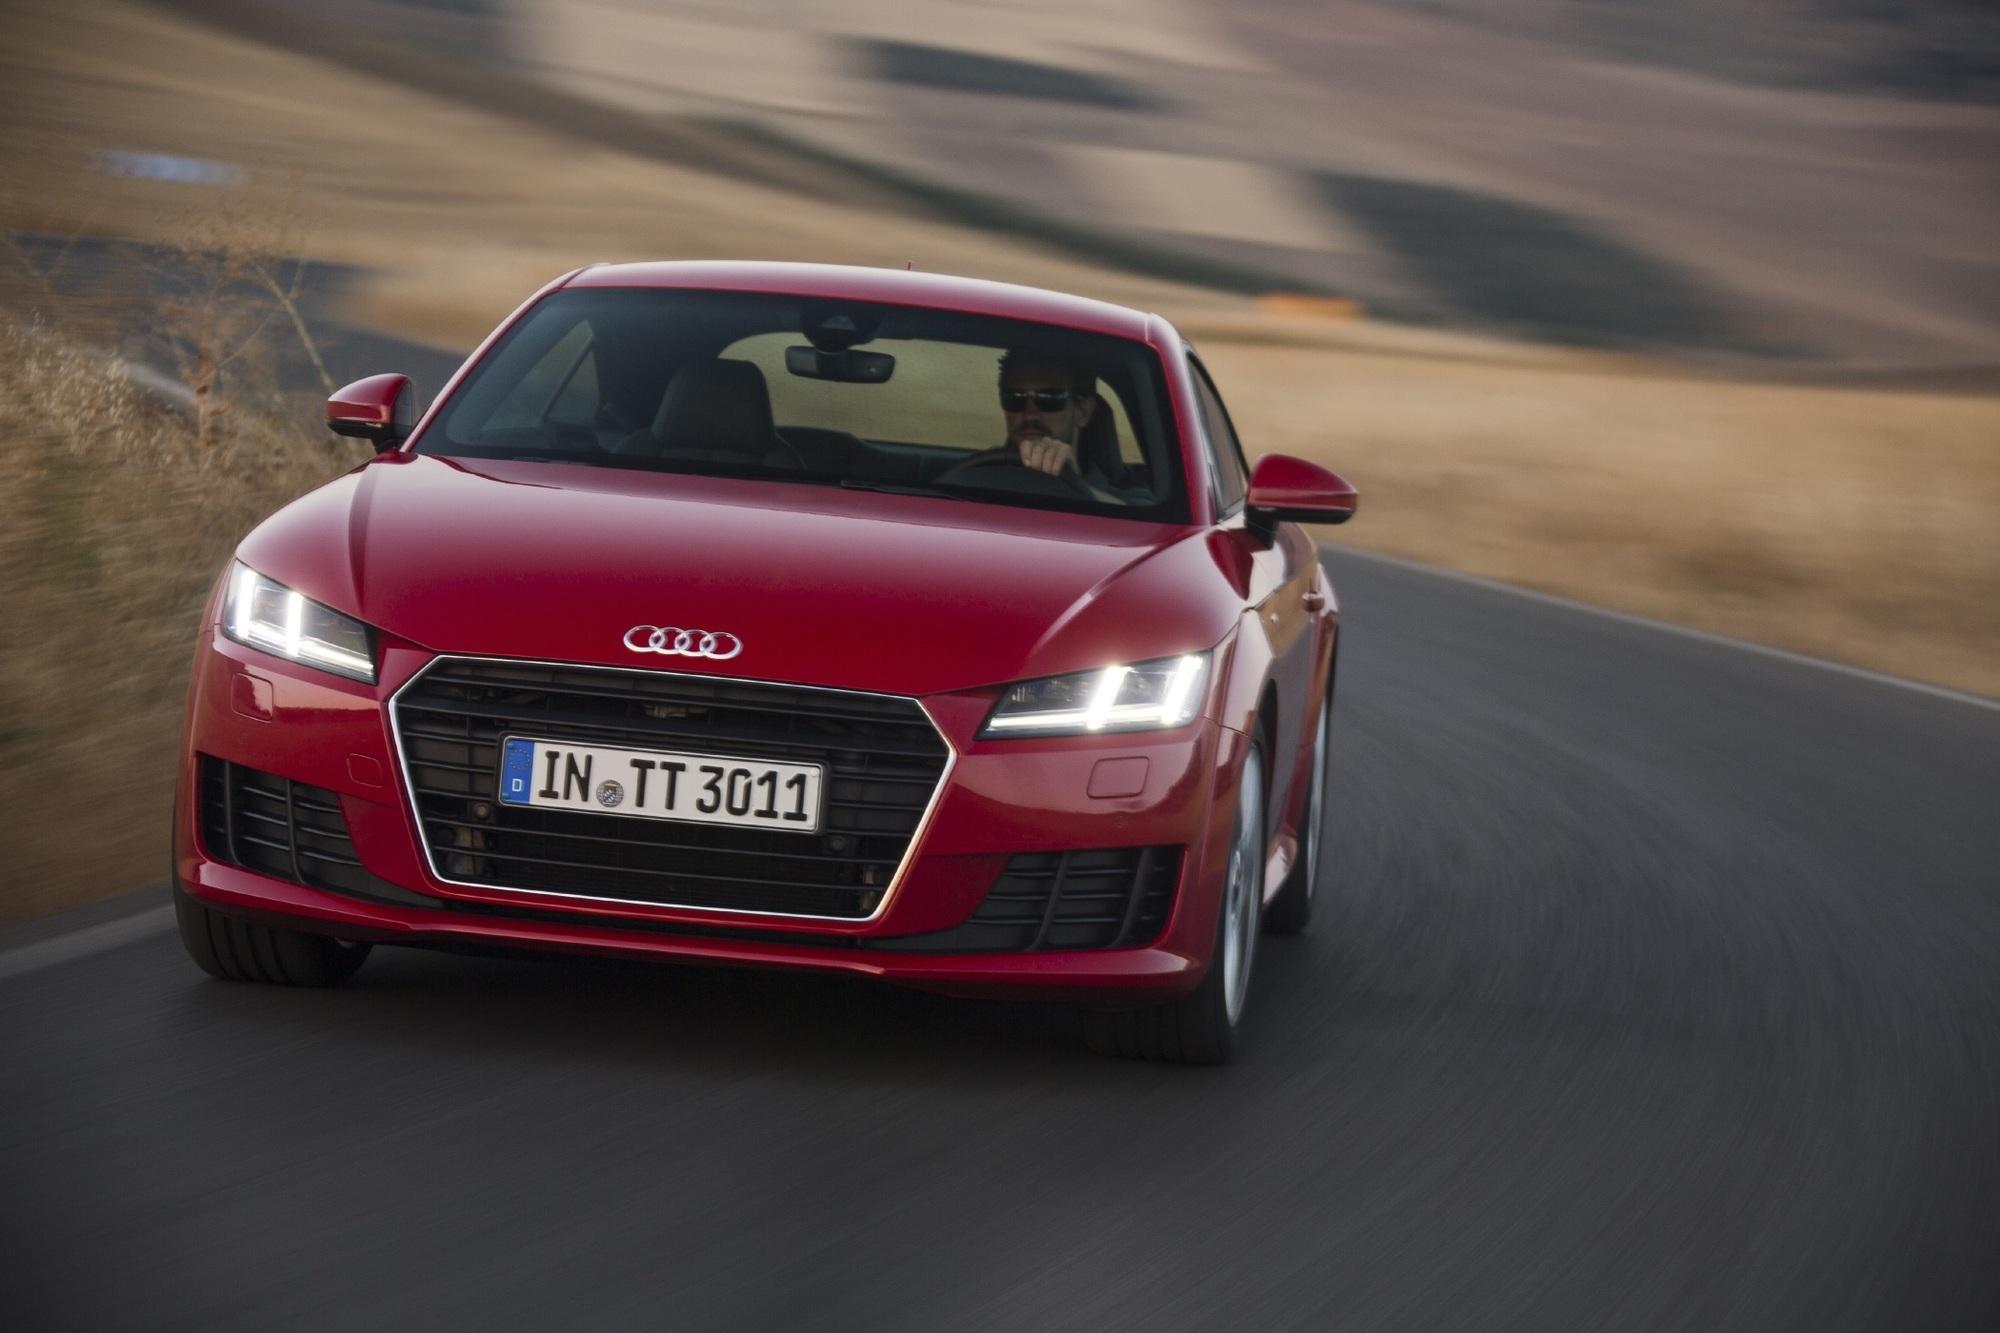 Fahrbericht: Audi TT  - Auto-Kino hinterm Lenkrad